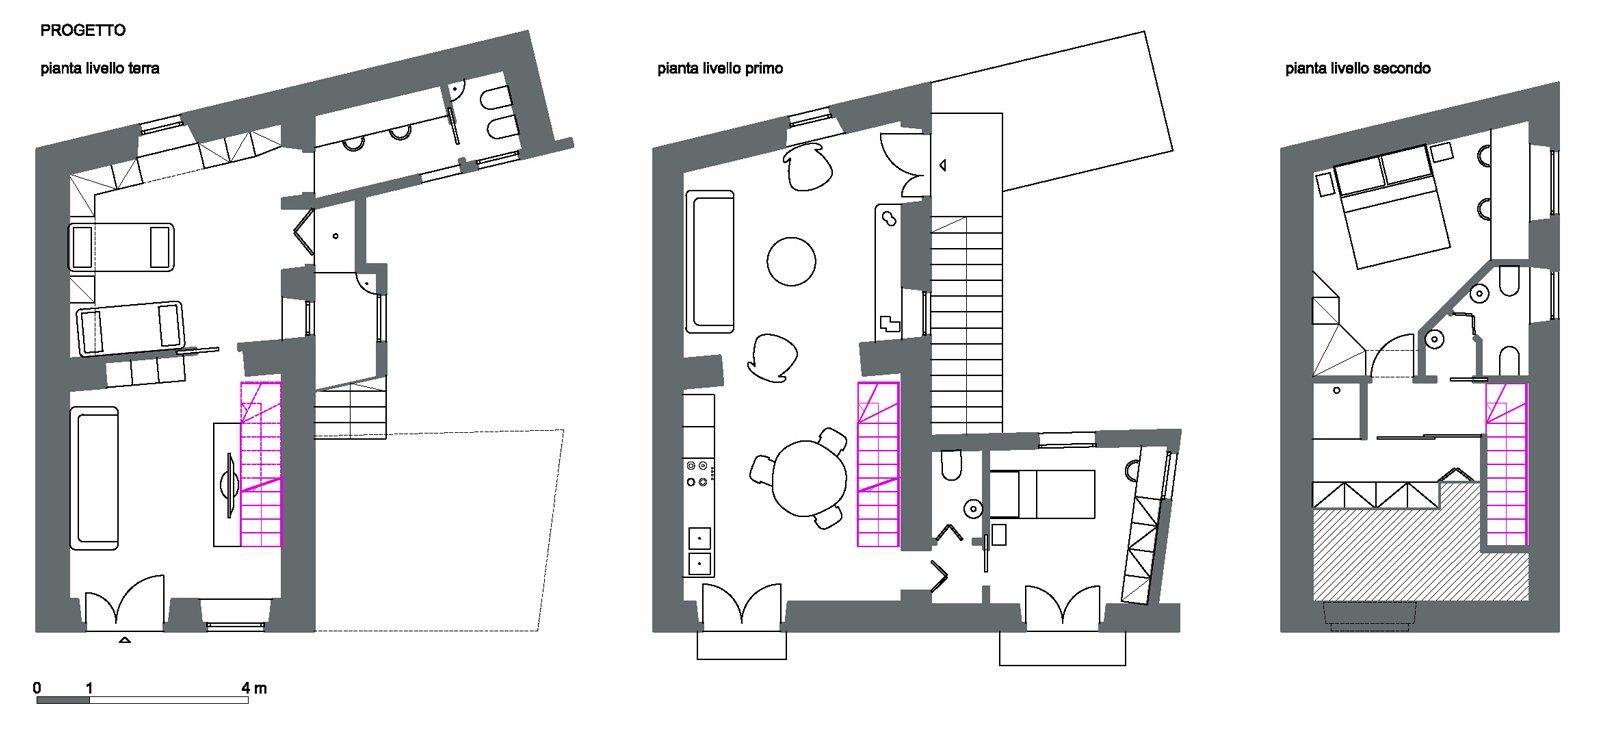 Progetto in pianta e 3d della casa su 3 livelli cose di casa for 3 piani casa 3 bagni